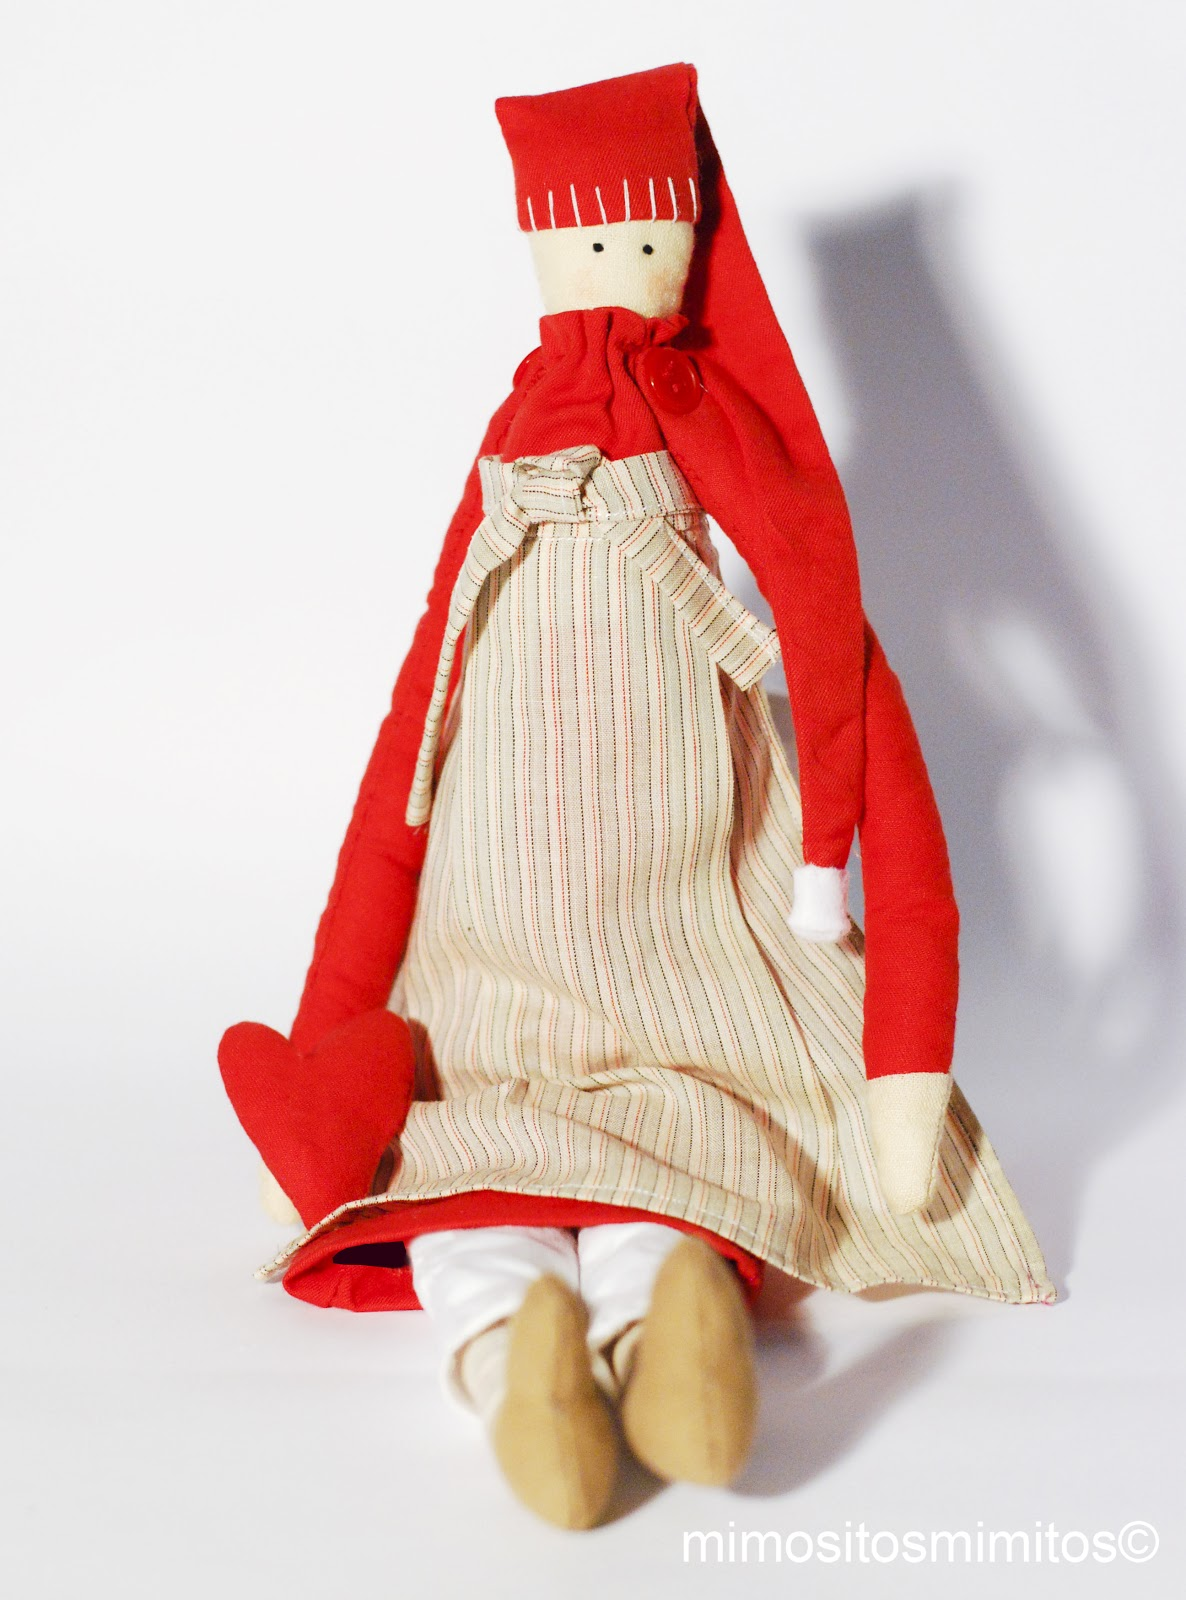 muñeca de tela y trapo para regalar en Navidad, jugar o adornar